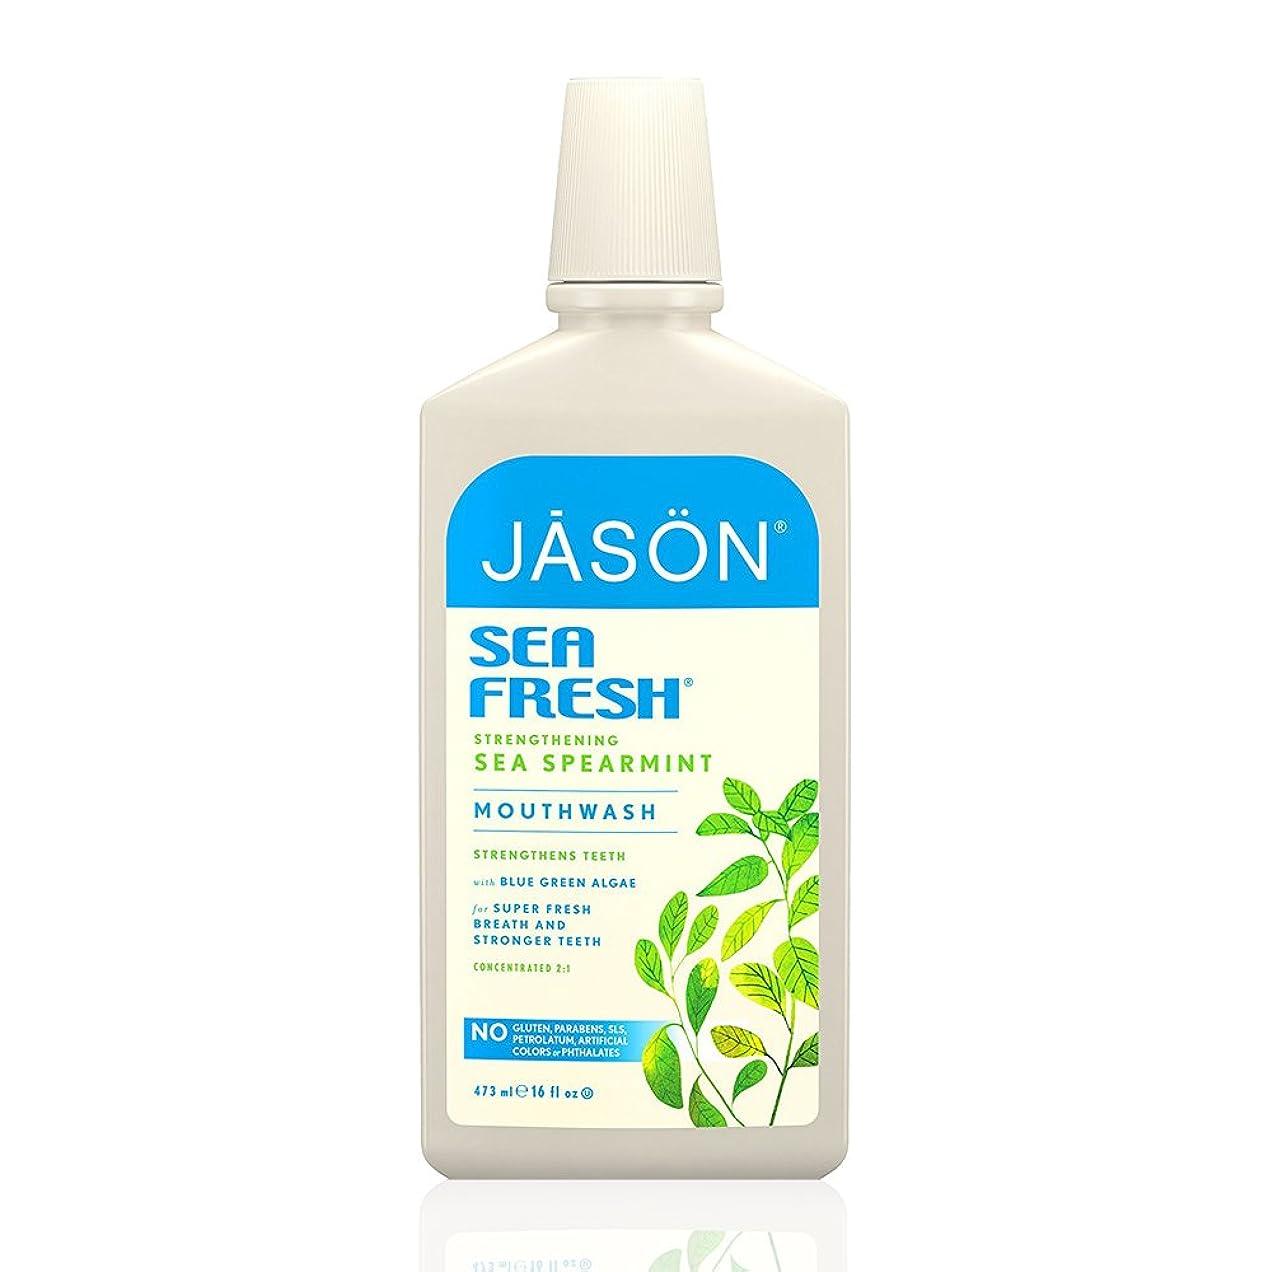 の慈悲で人間持つJASON ジェイソン マウスウォッシュSF シーフレッシュ スペアミント(2倍濃縮タイプ)